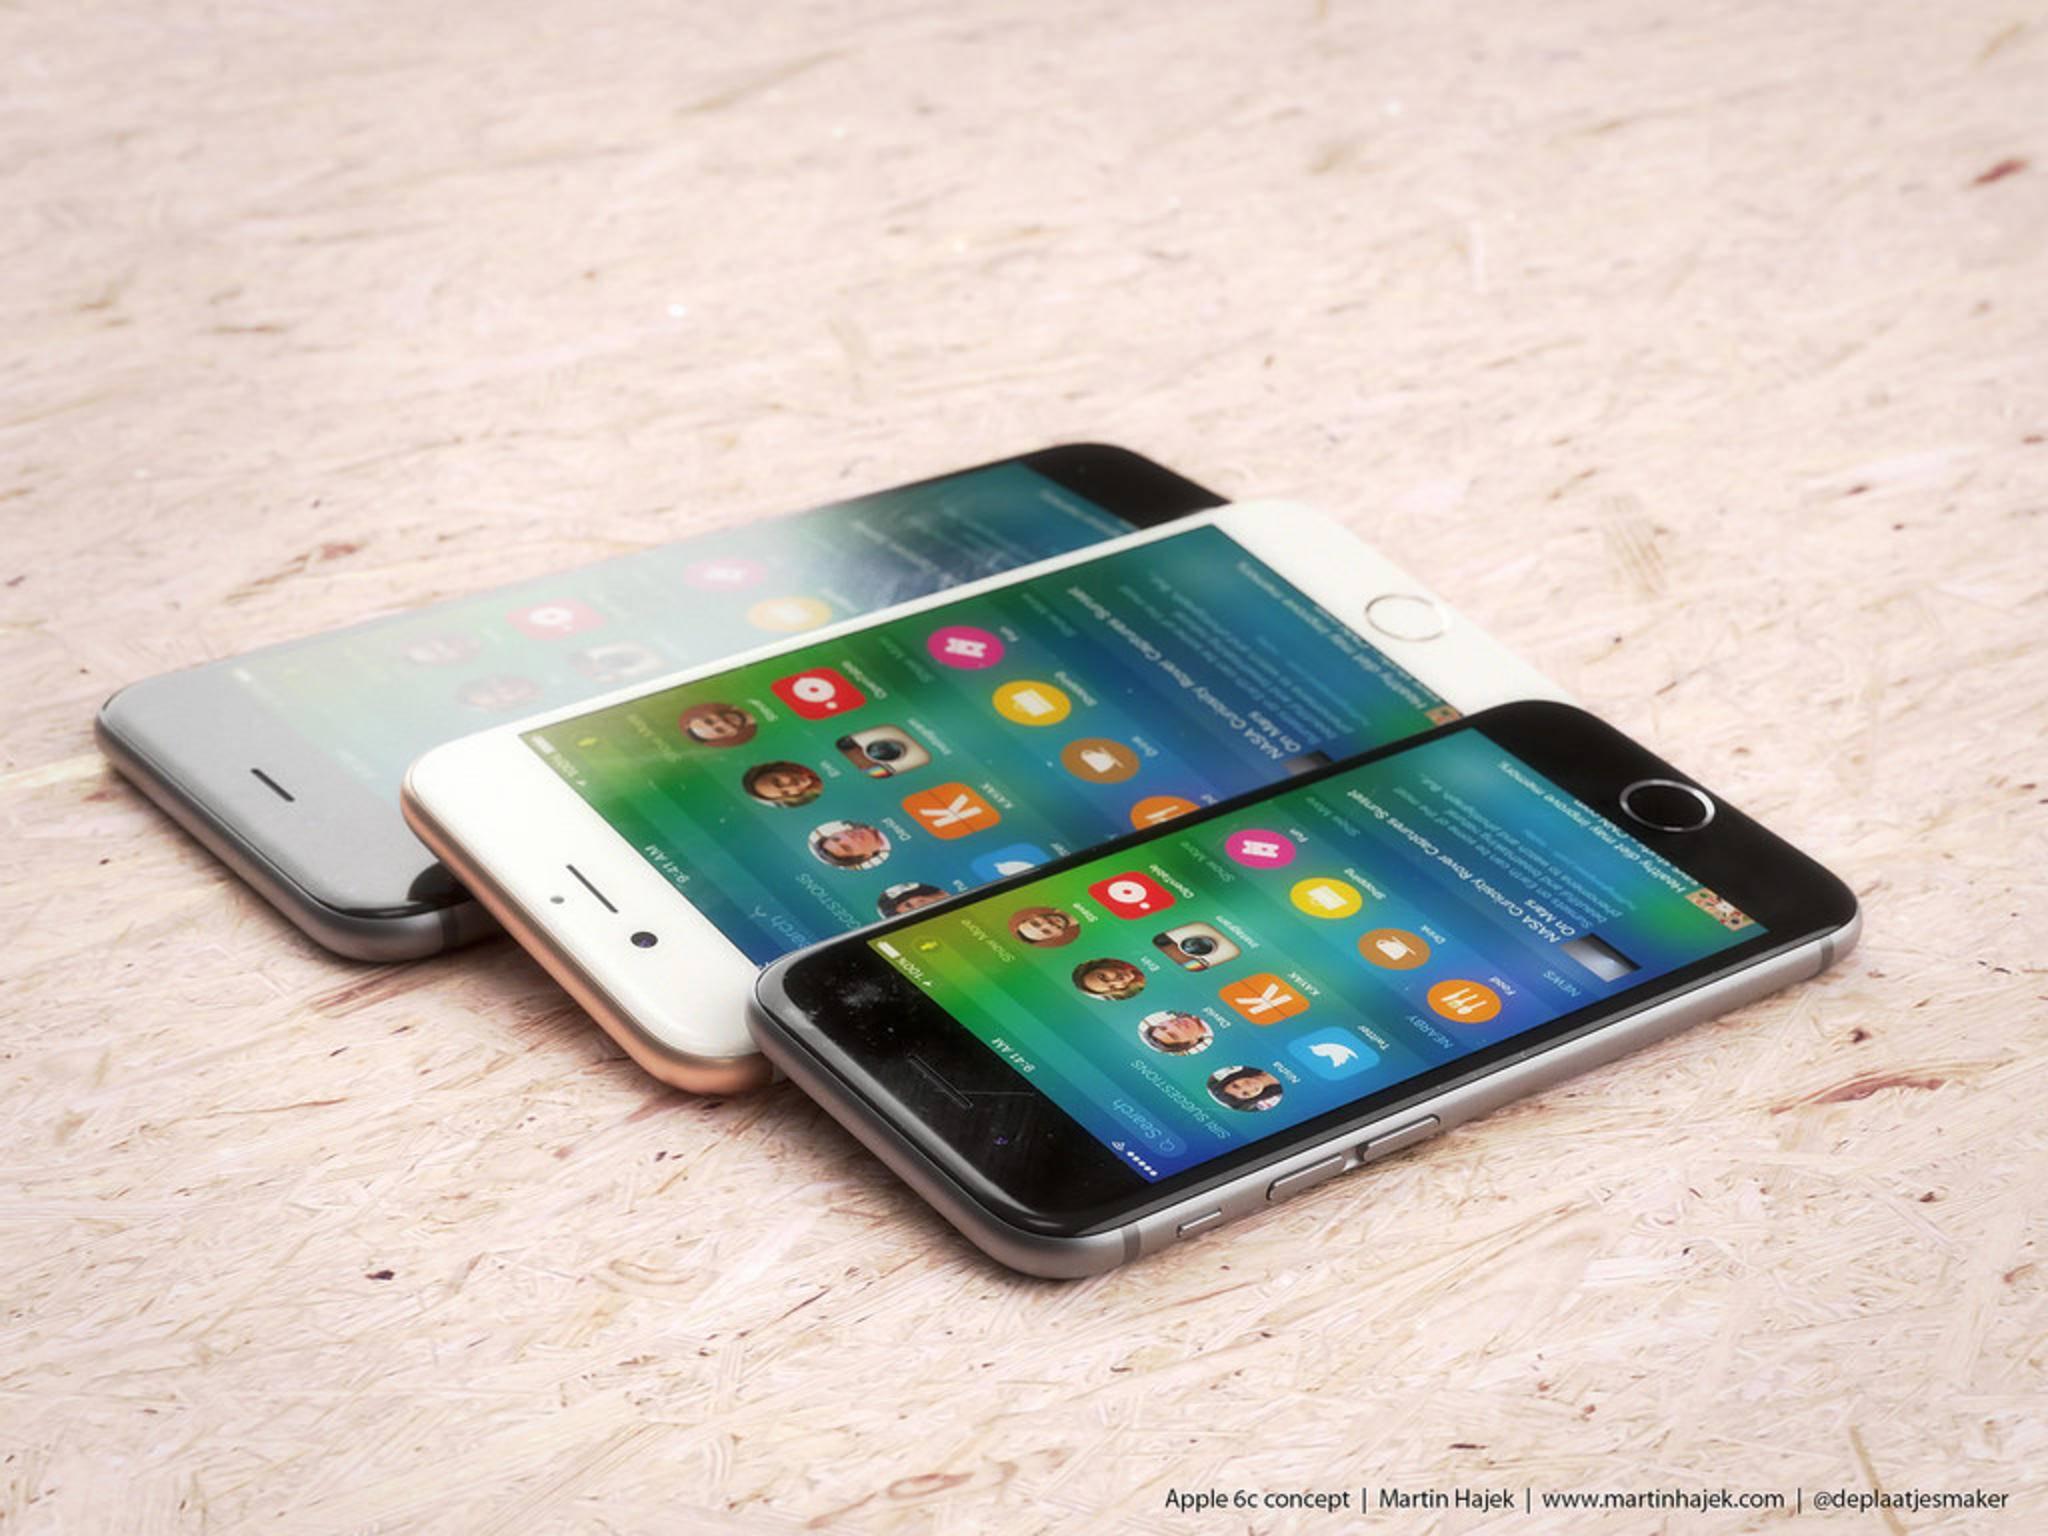 Die Bildschirmdiagonale des iPhone 6c beträgt 4 Zoll.